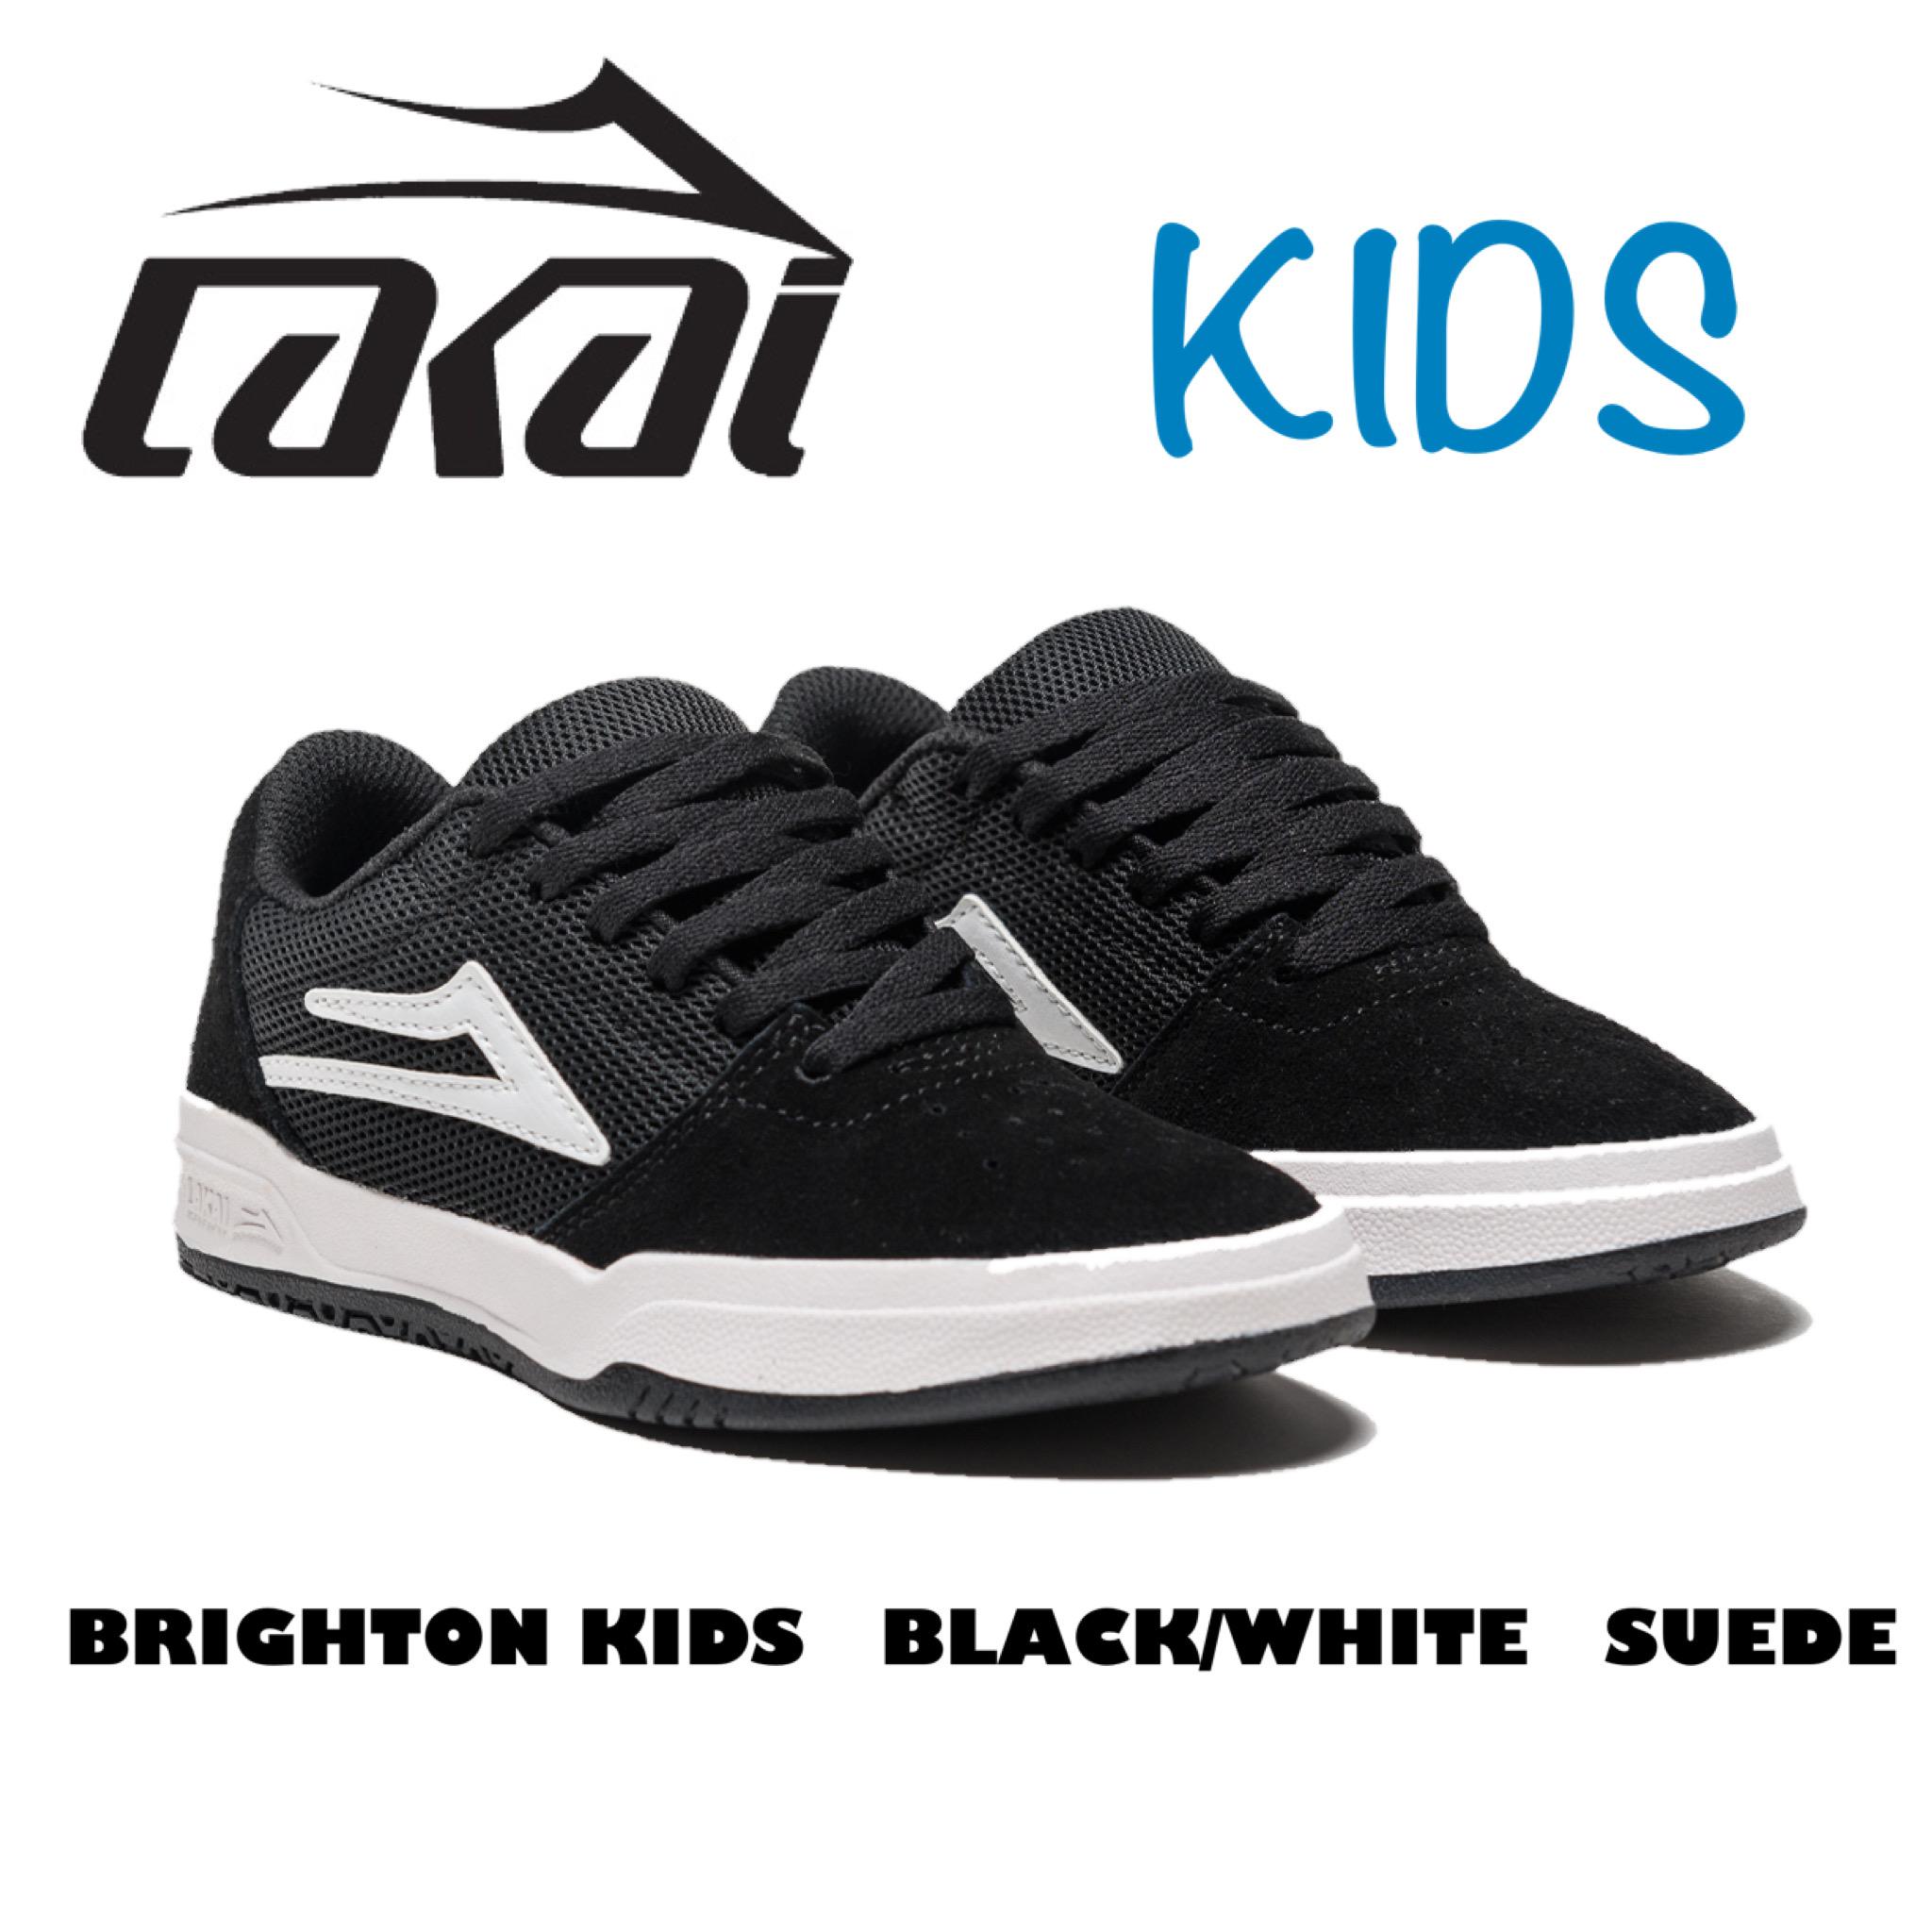 キッズモデル LAKAI BRIGHTON KIDS <セール&特集> BLACK WHITE SUEDE ラカイ 現品 ブライトンキッズ ブラック スエードスケートボードシューズ スケートシューズ キッズ ローカットくつ ホワイト スウェード スケボー スケシュー 靴